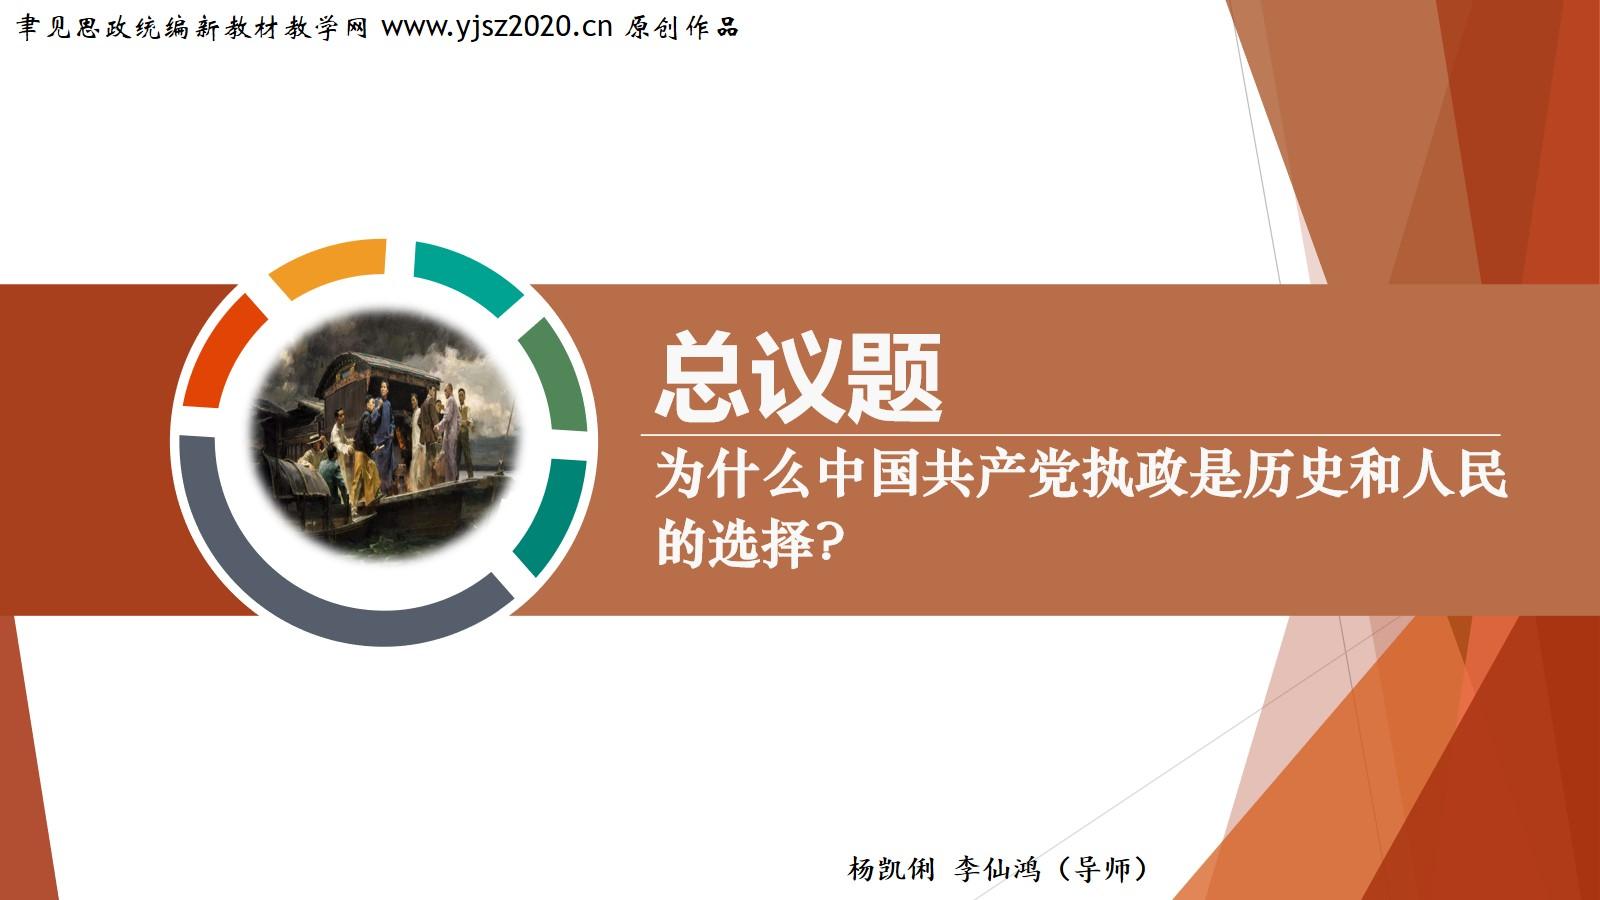 中华人民共和国成立前各种政治力量(精品议题式课件共29页含教案10页)